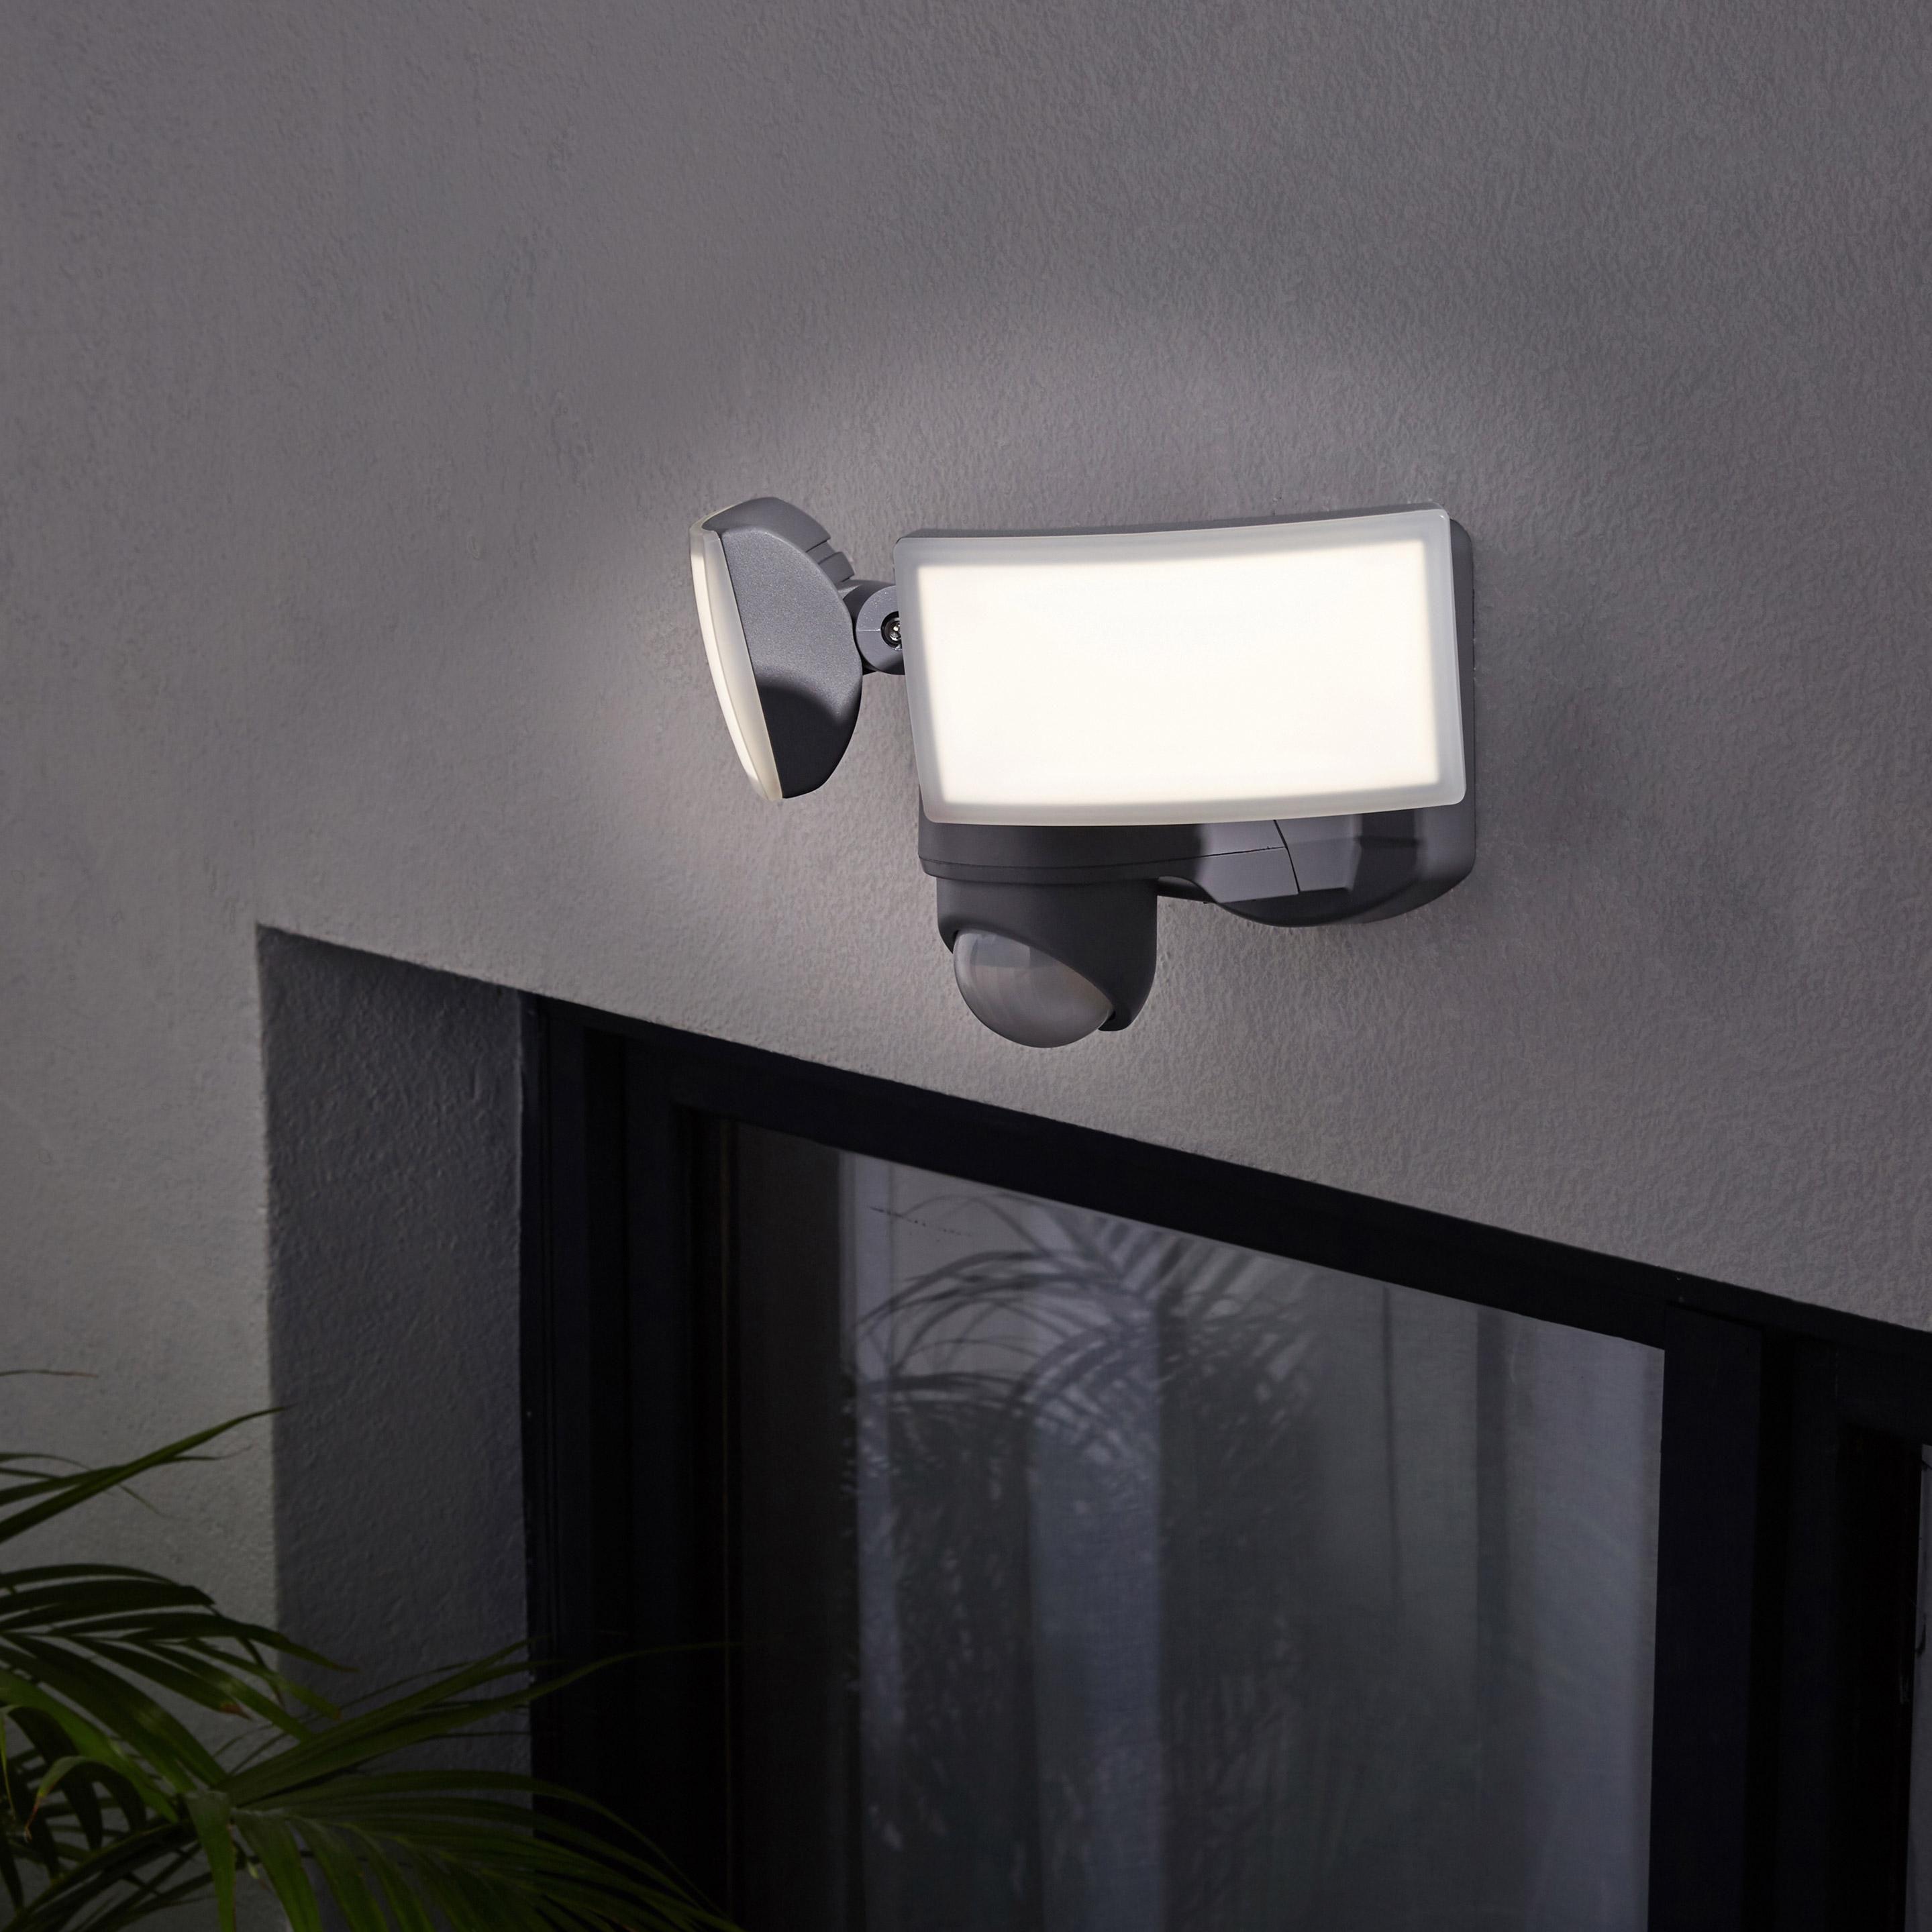 Projecteur Trepied Exterieur Led Integree 1700 Lm Argent Seffner Inspire Avec Images Projecteur Projecteur Led Led